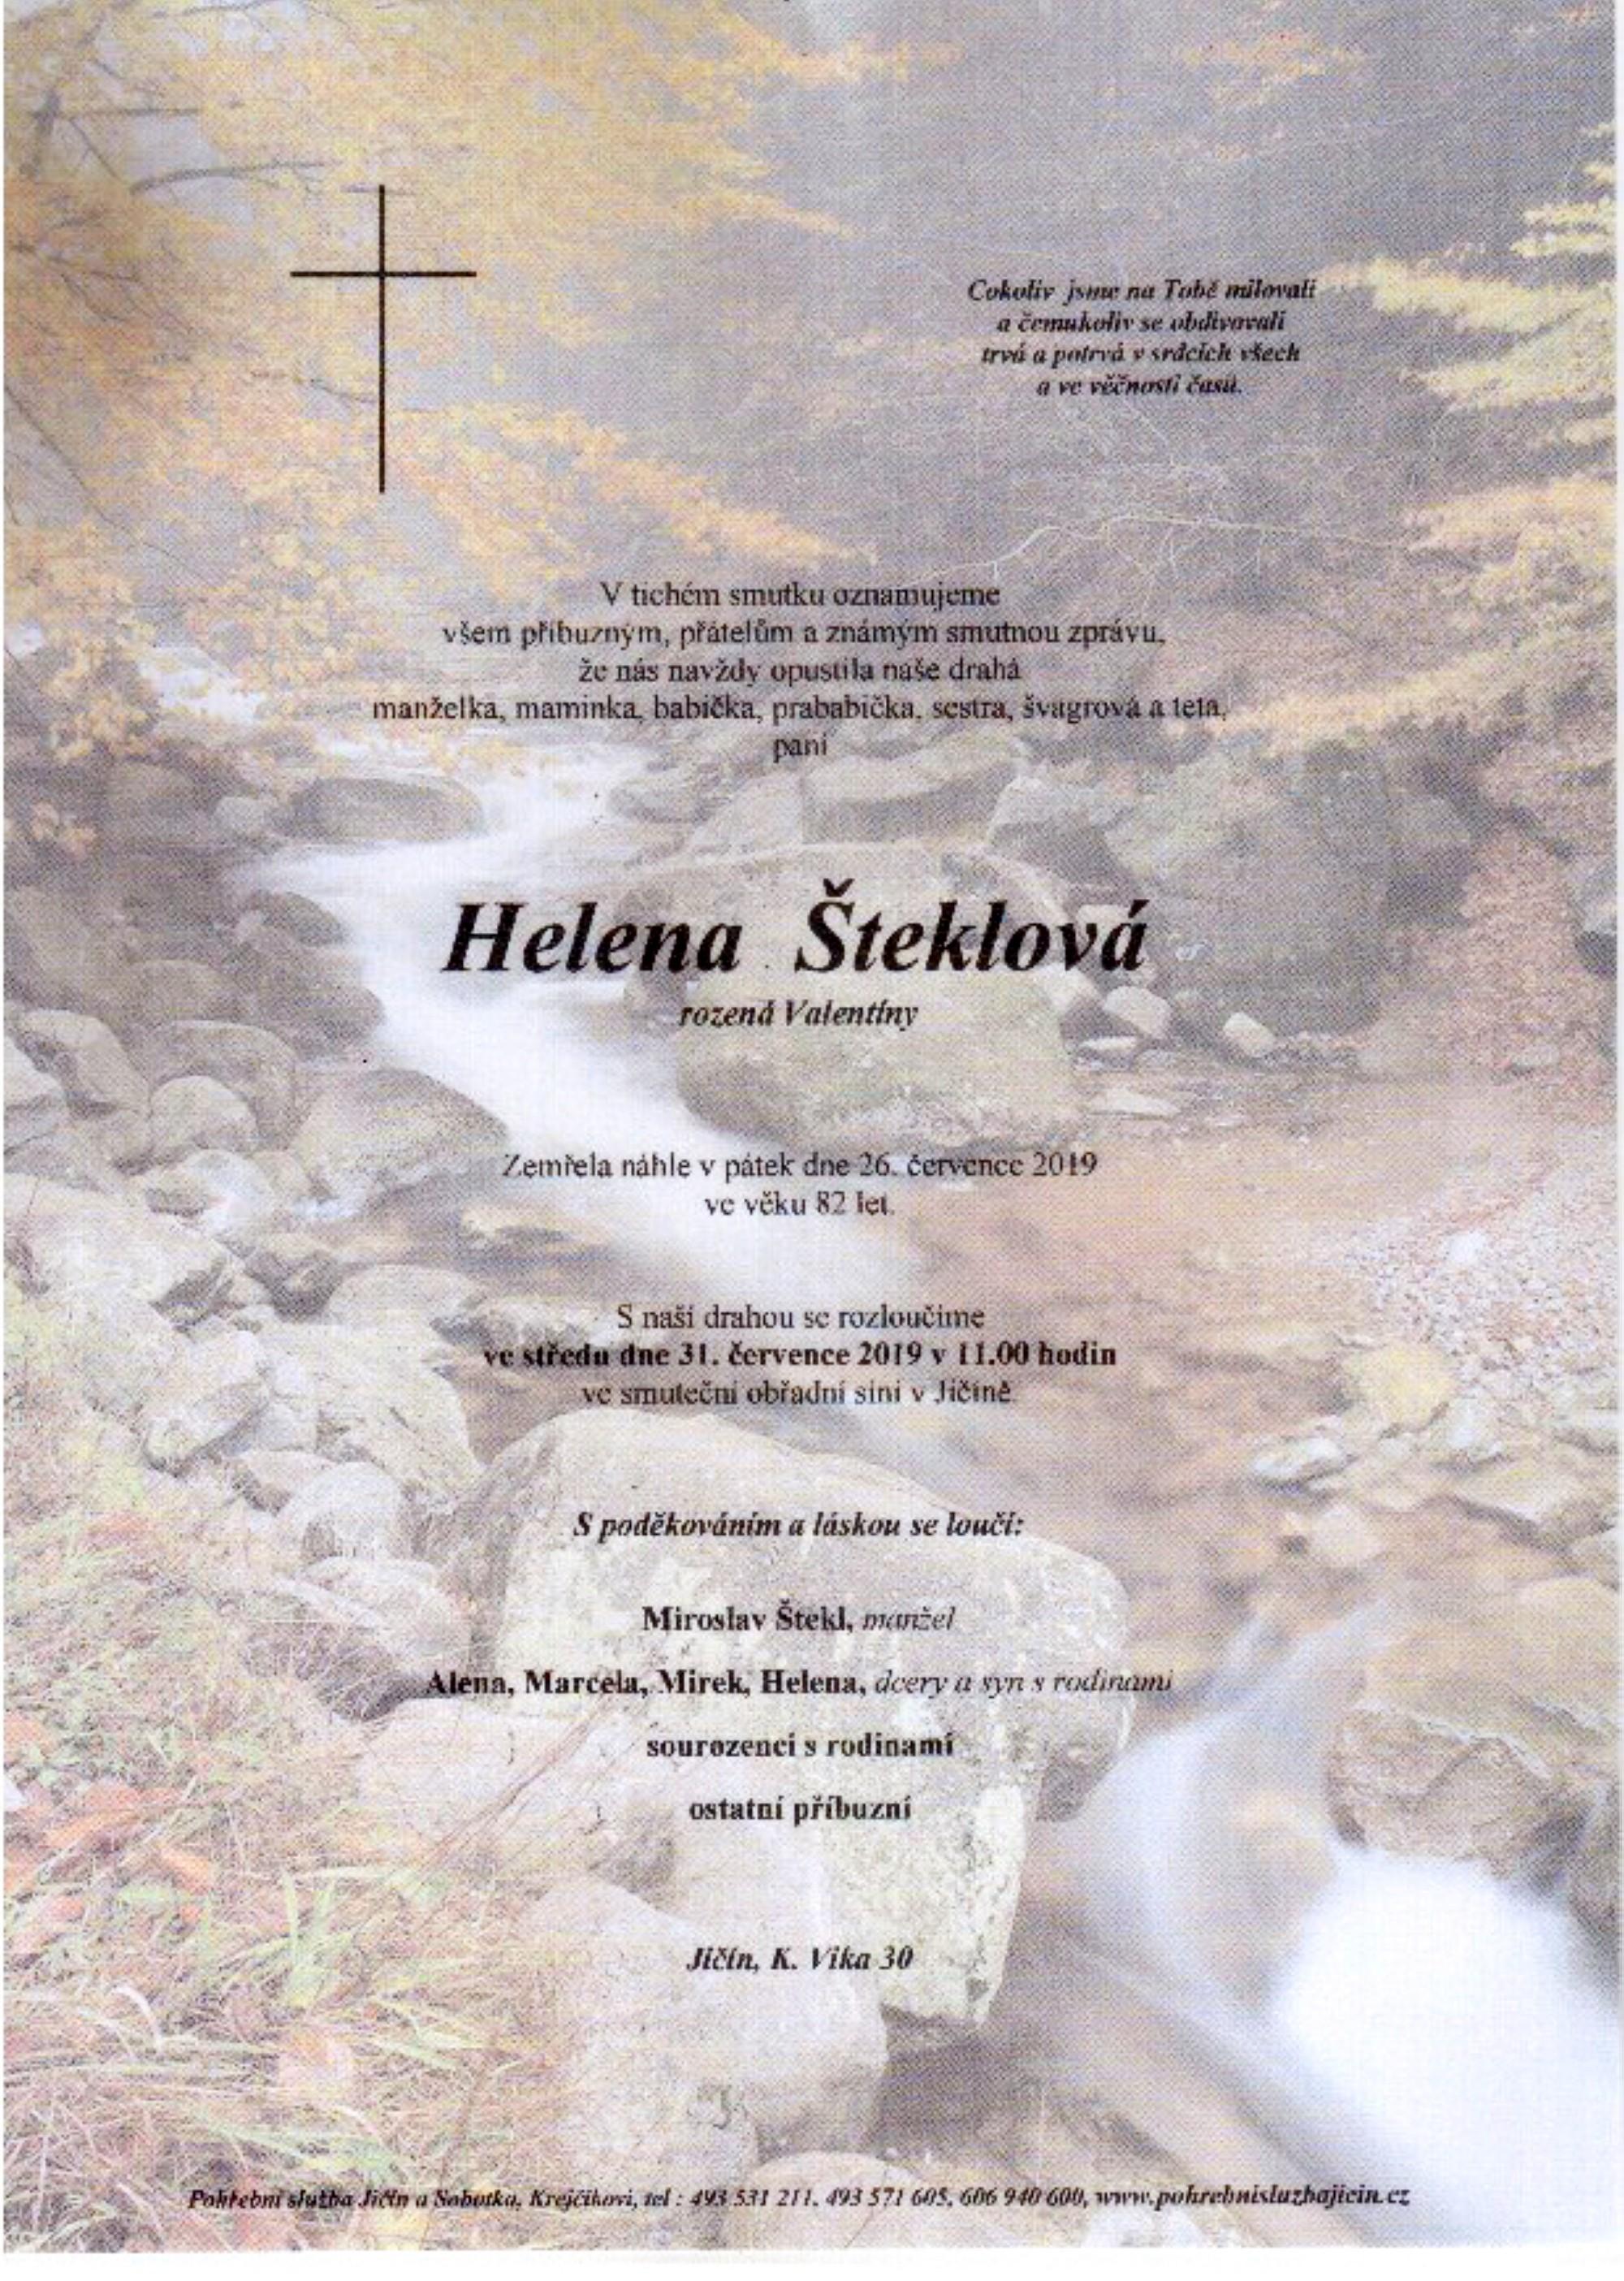 Helena Šteklová